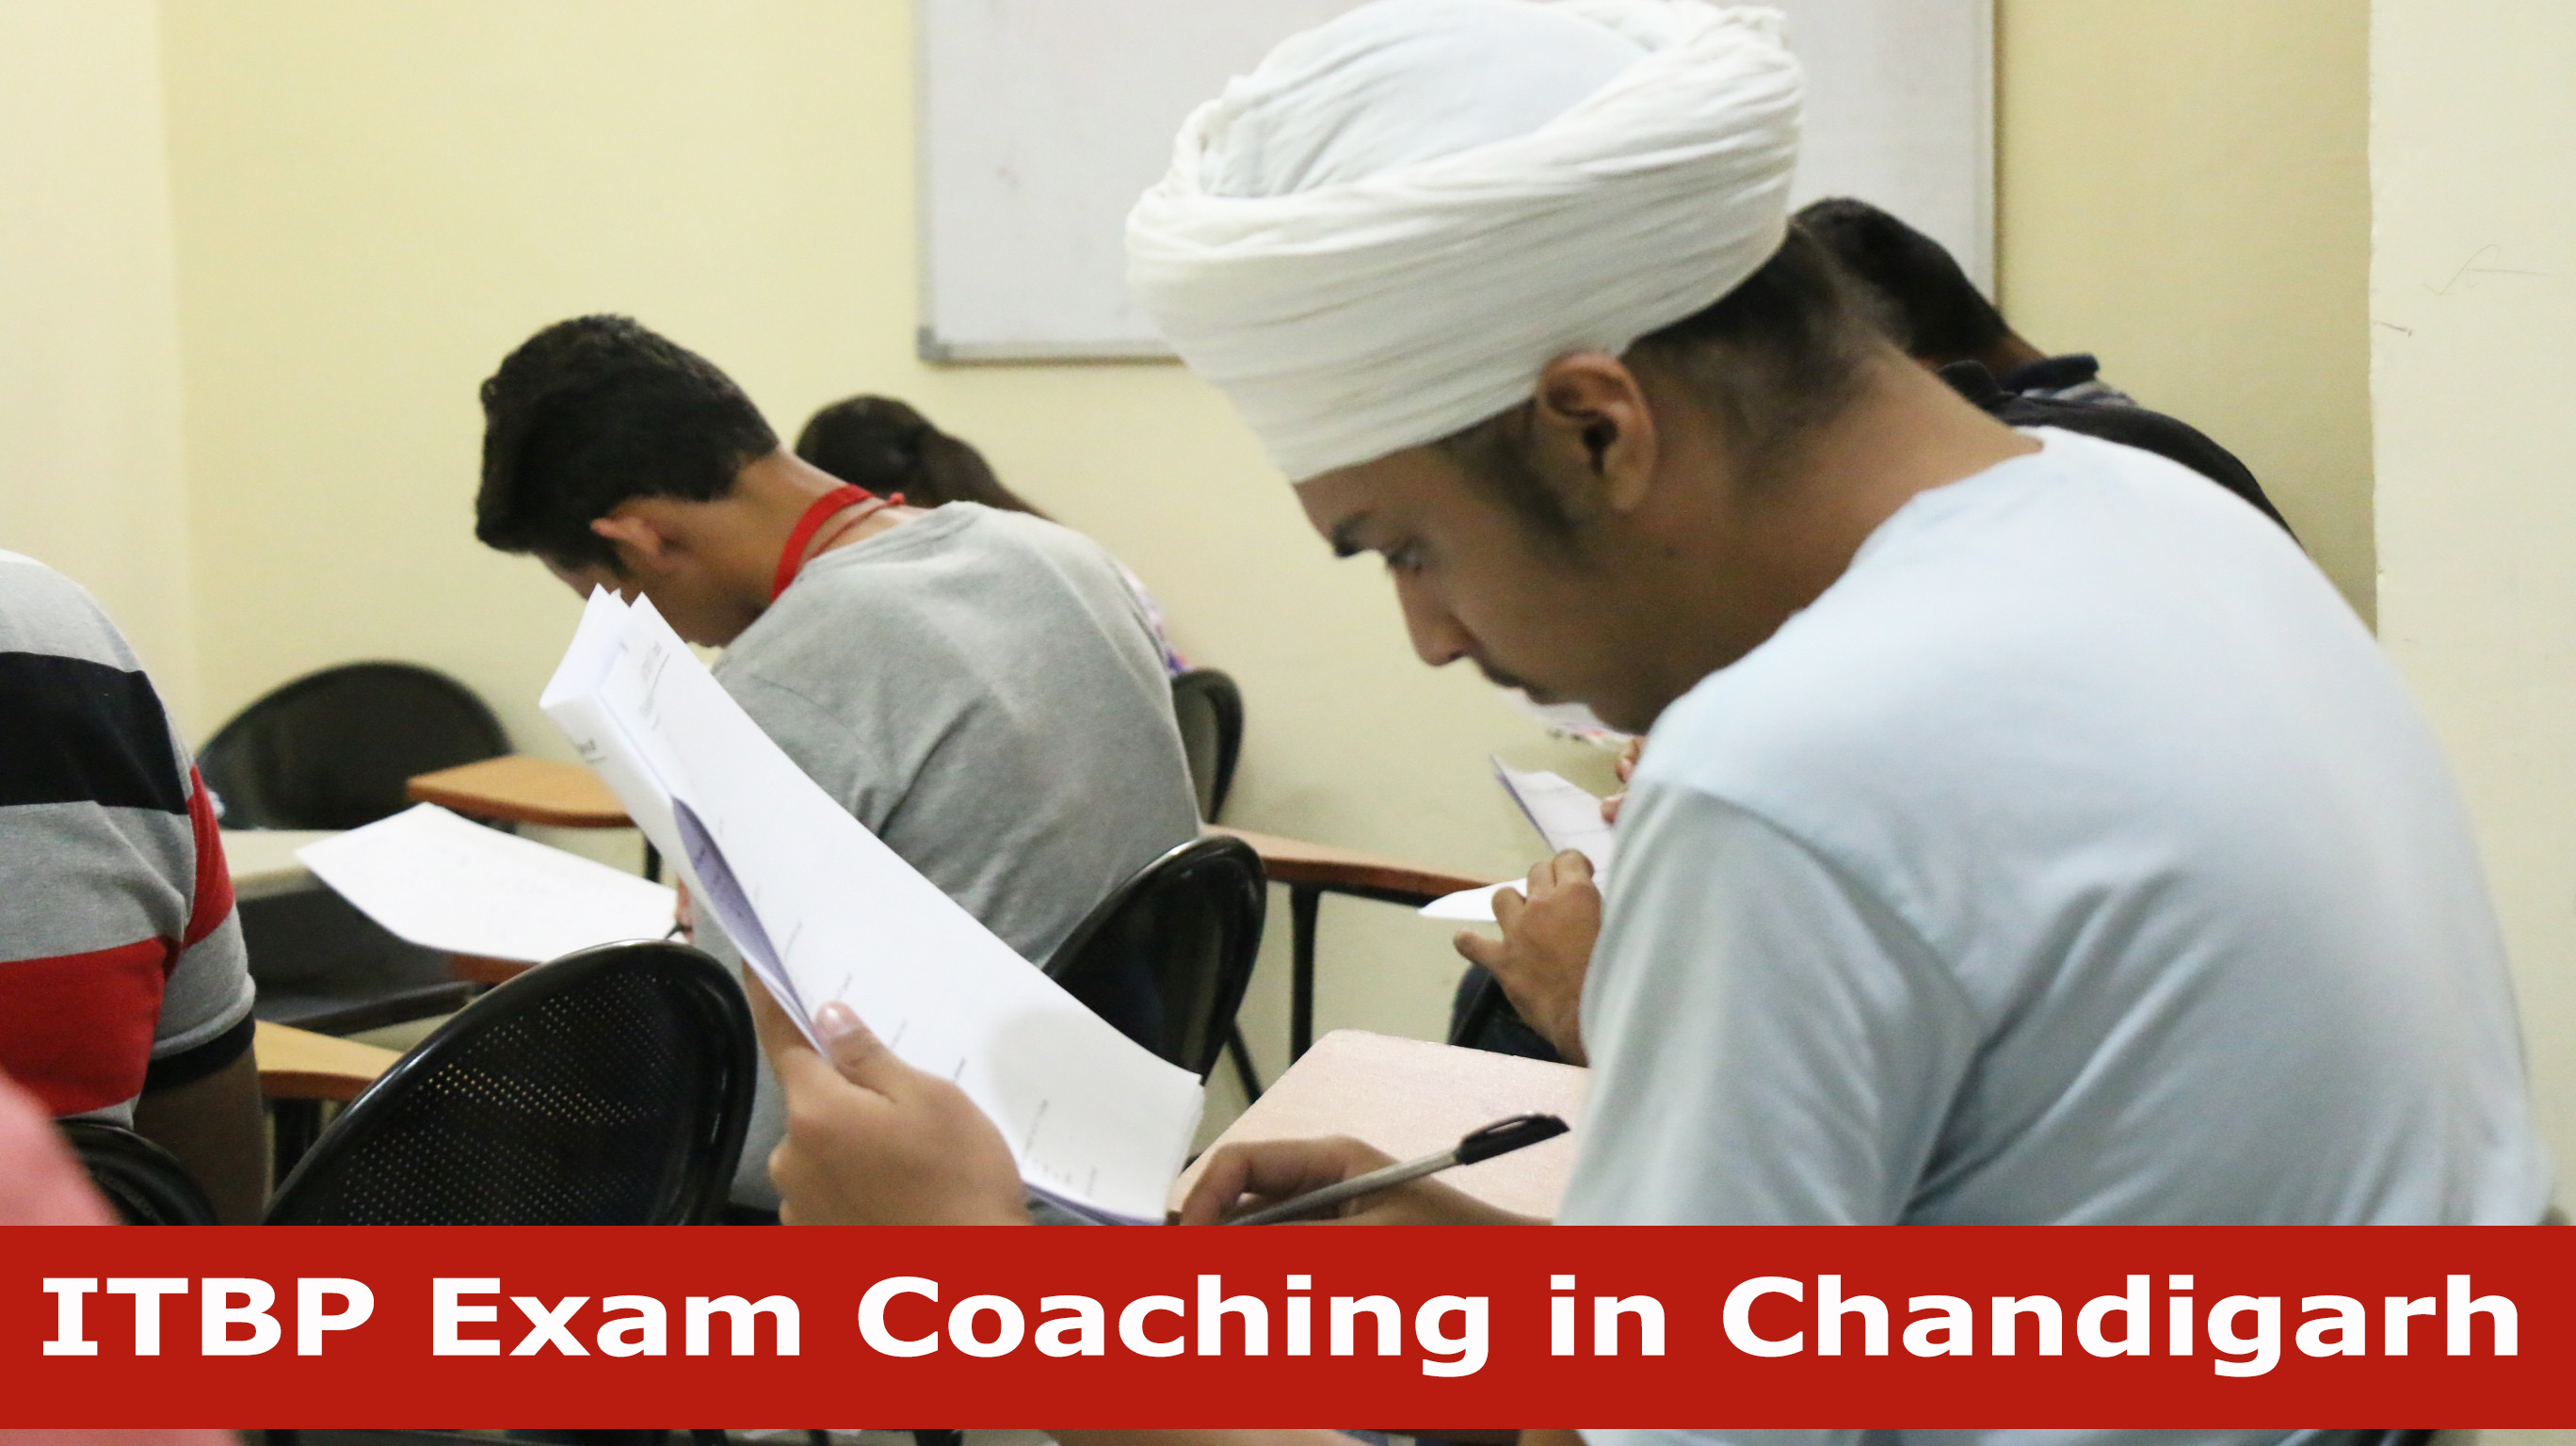 ITBP Exam Coaching in Chandigarh